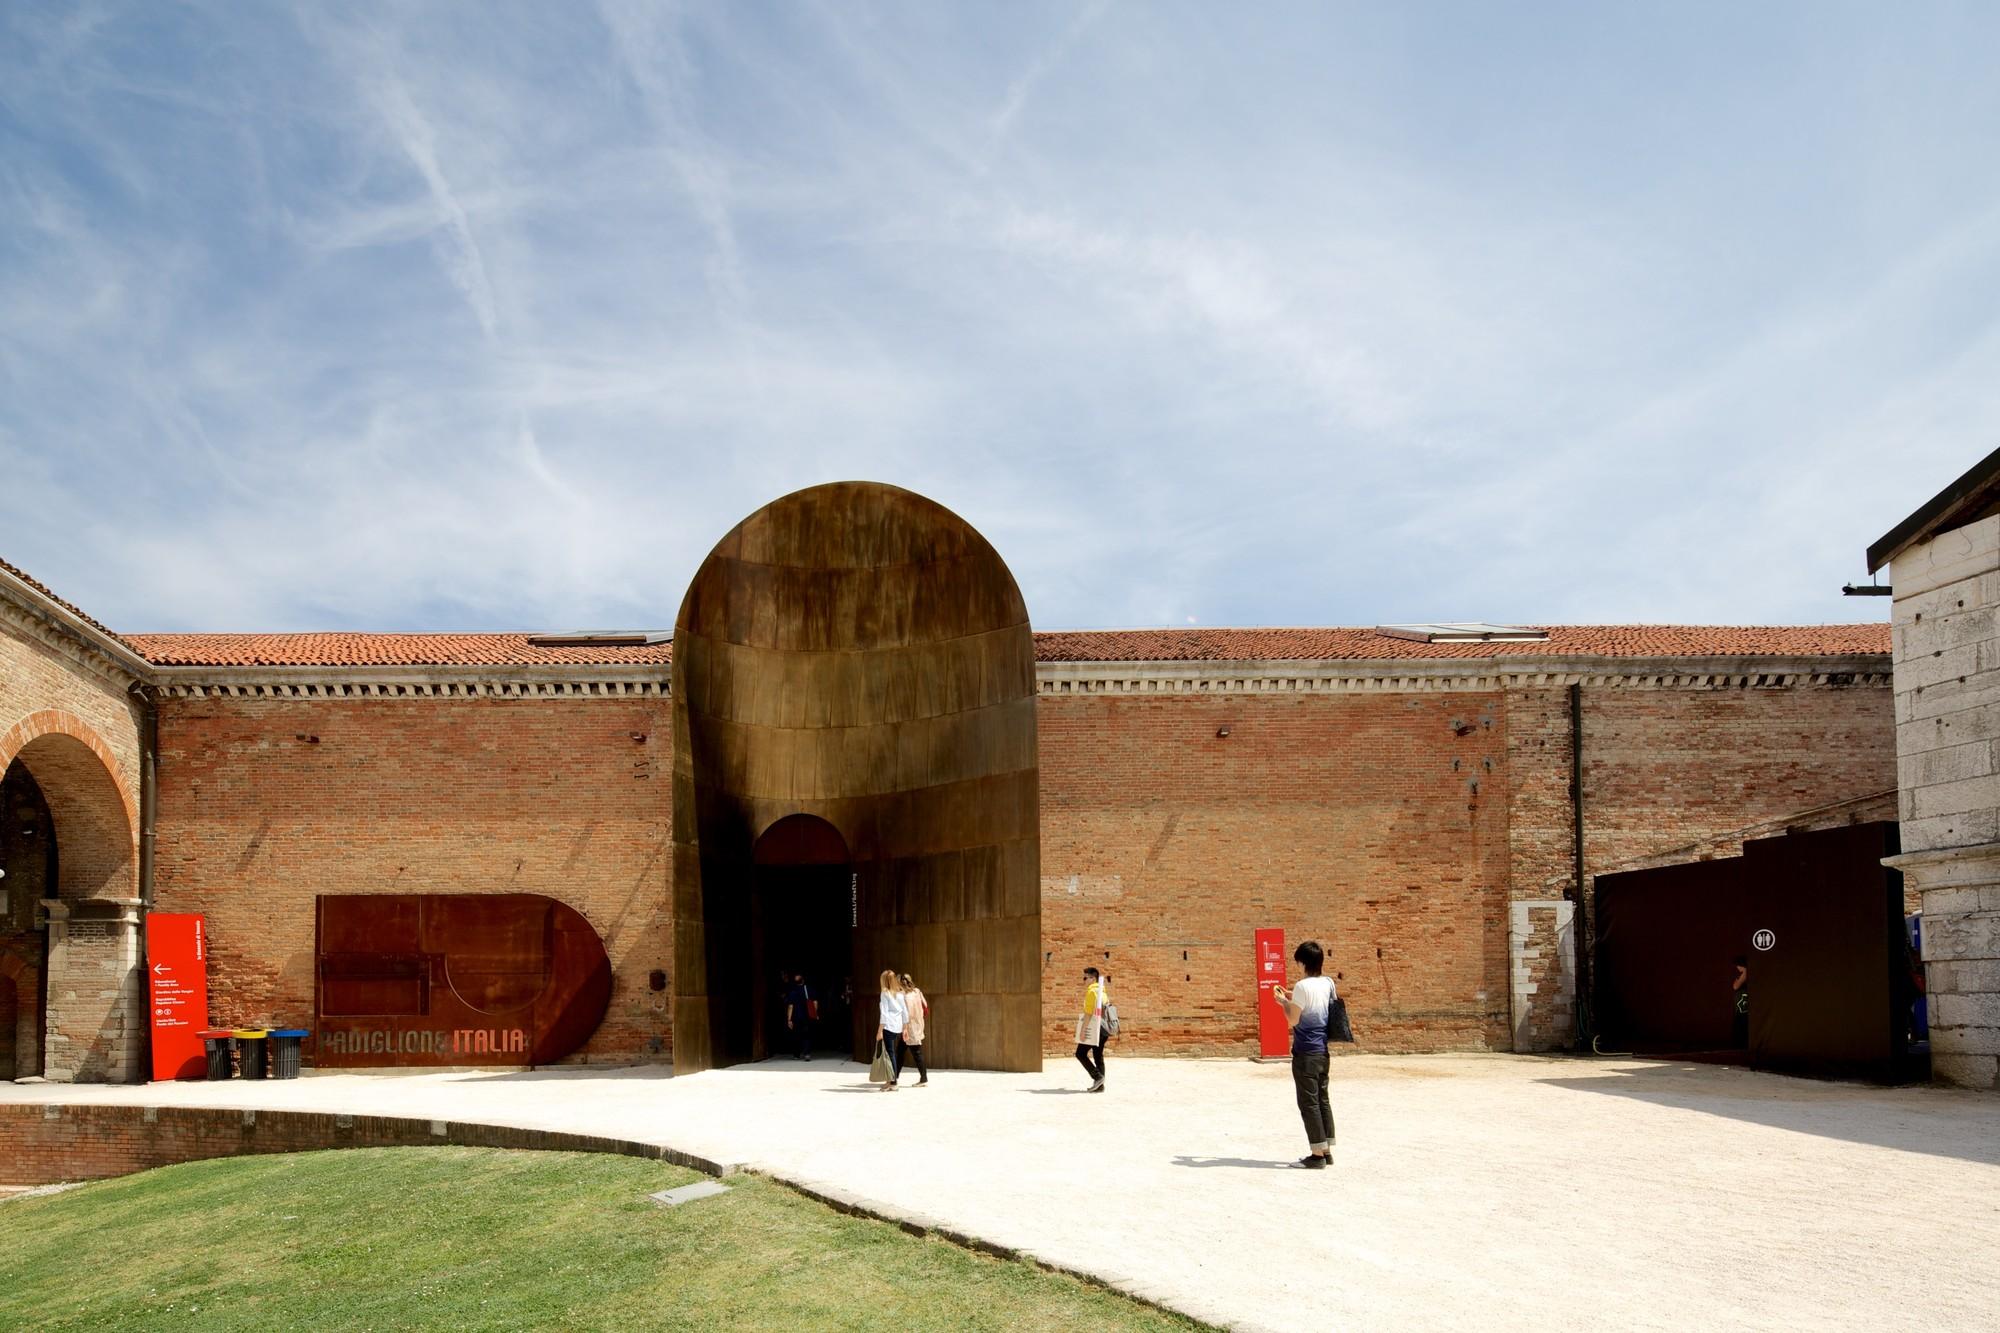 Pavilhão da Itália na Bienal de Veneza 2014 – Innesti/Grafting, Innesti/Grafting. Pavilhão da Itália na Bienal de Veneza. Image © Nico Saieh